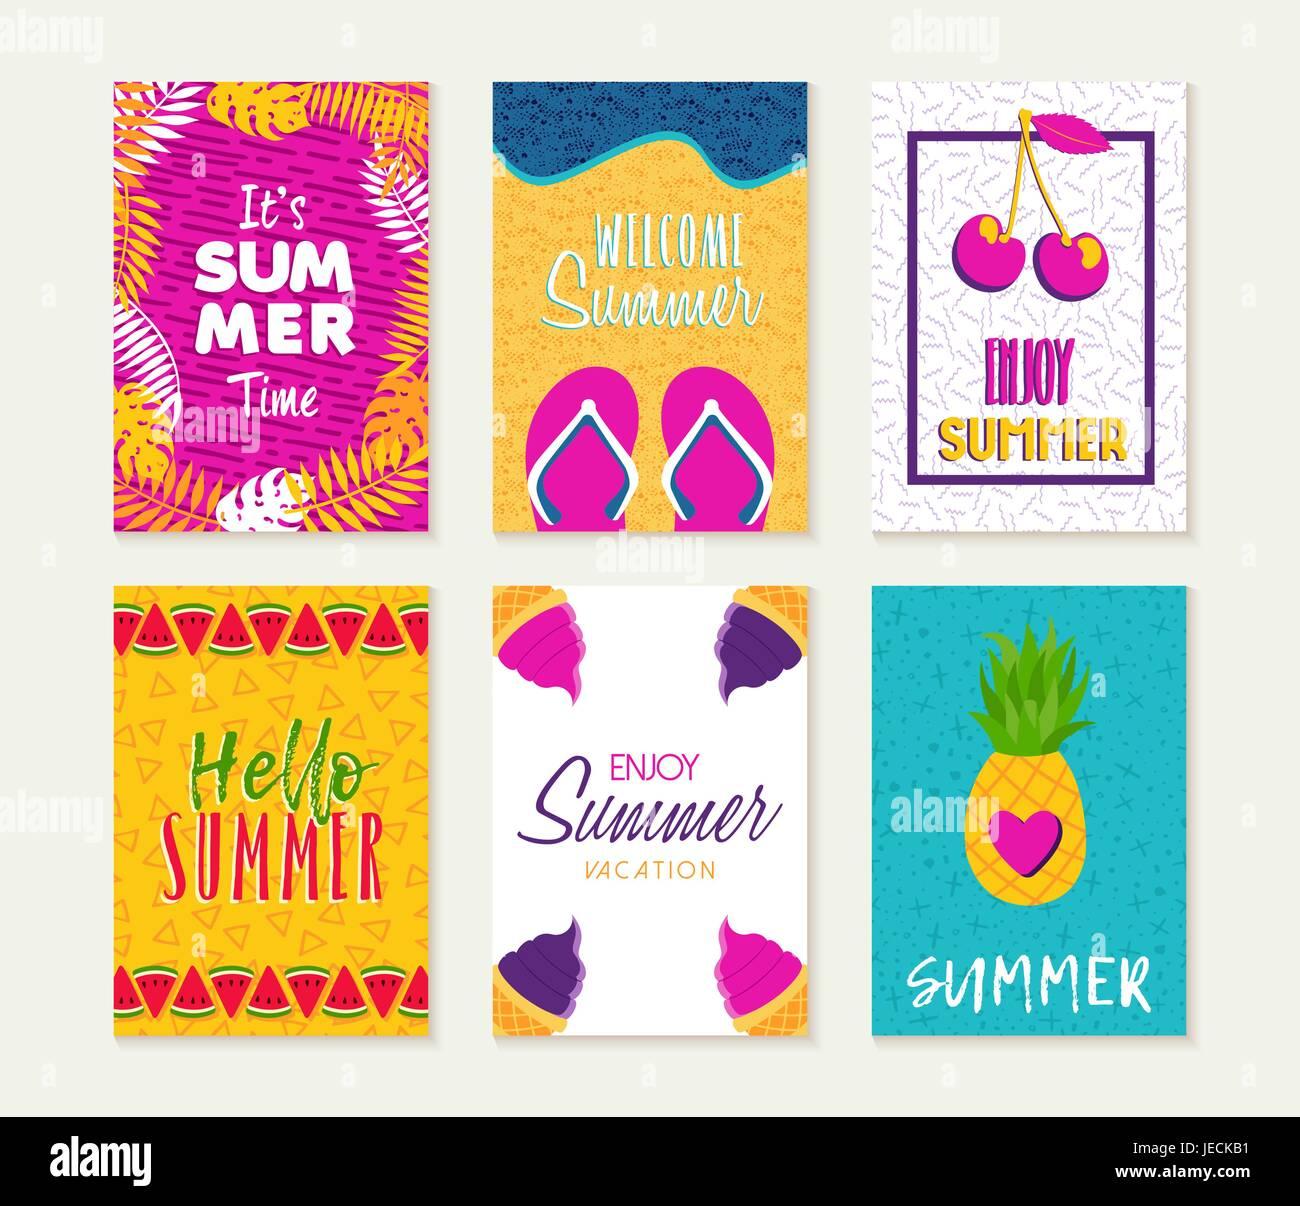 Sommer-Vorlage festgelegt, Sommer Urlaub Angebote mit lustigen ...